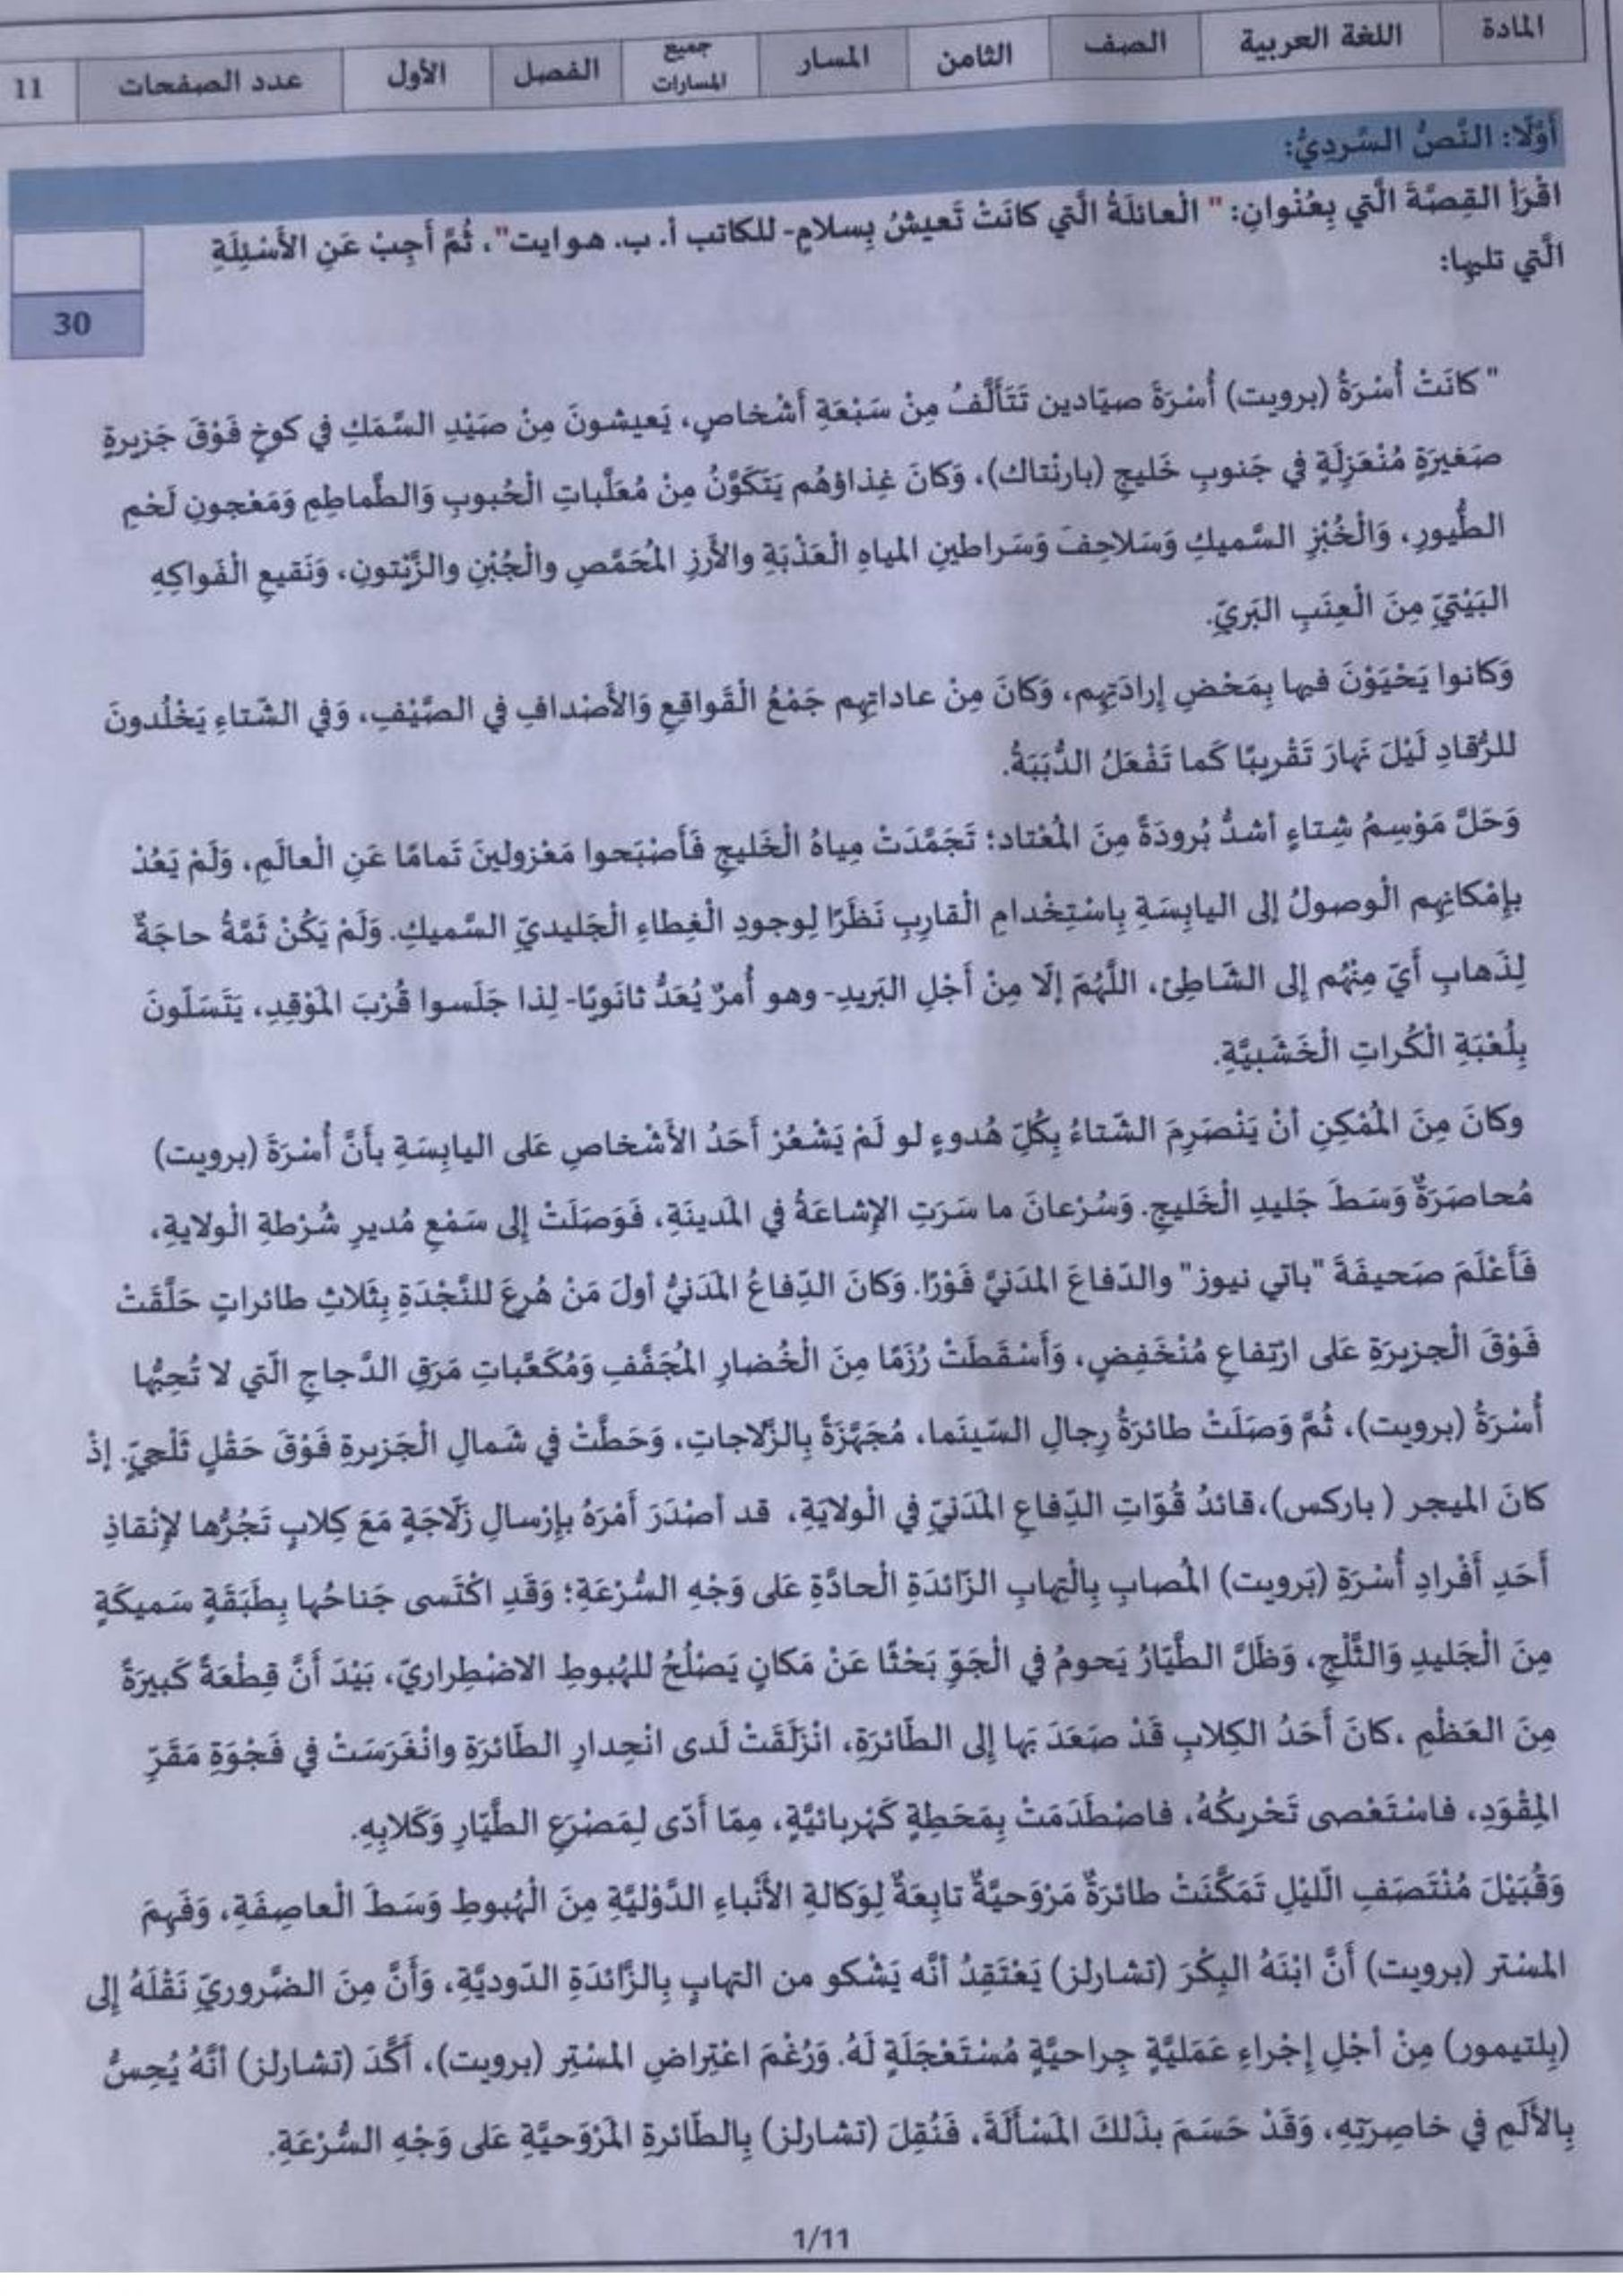 امتحان نهاية الفصل الدراسي الاول 2019 2020 الصف الثامن مادة اللغة العربية Person Receipt Personalized Items